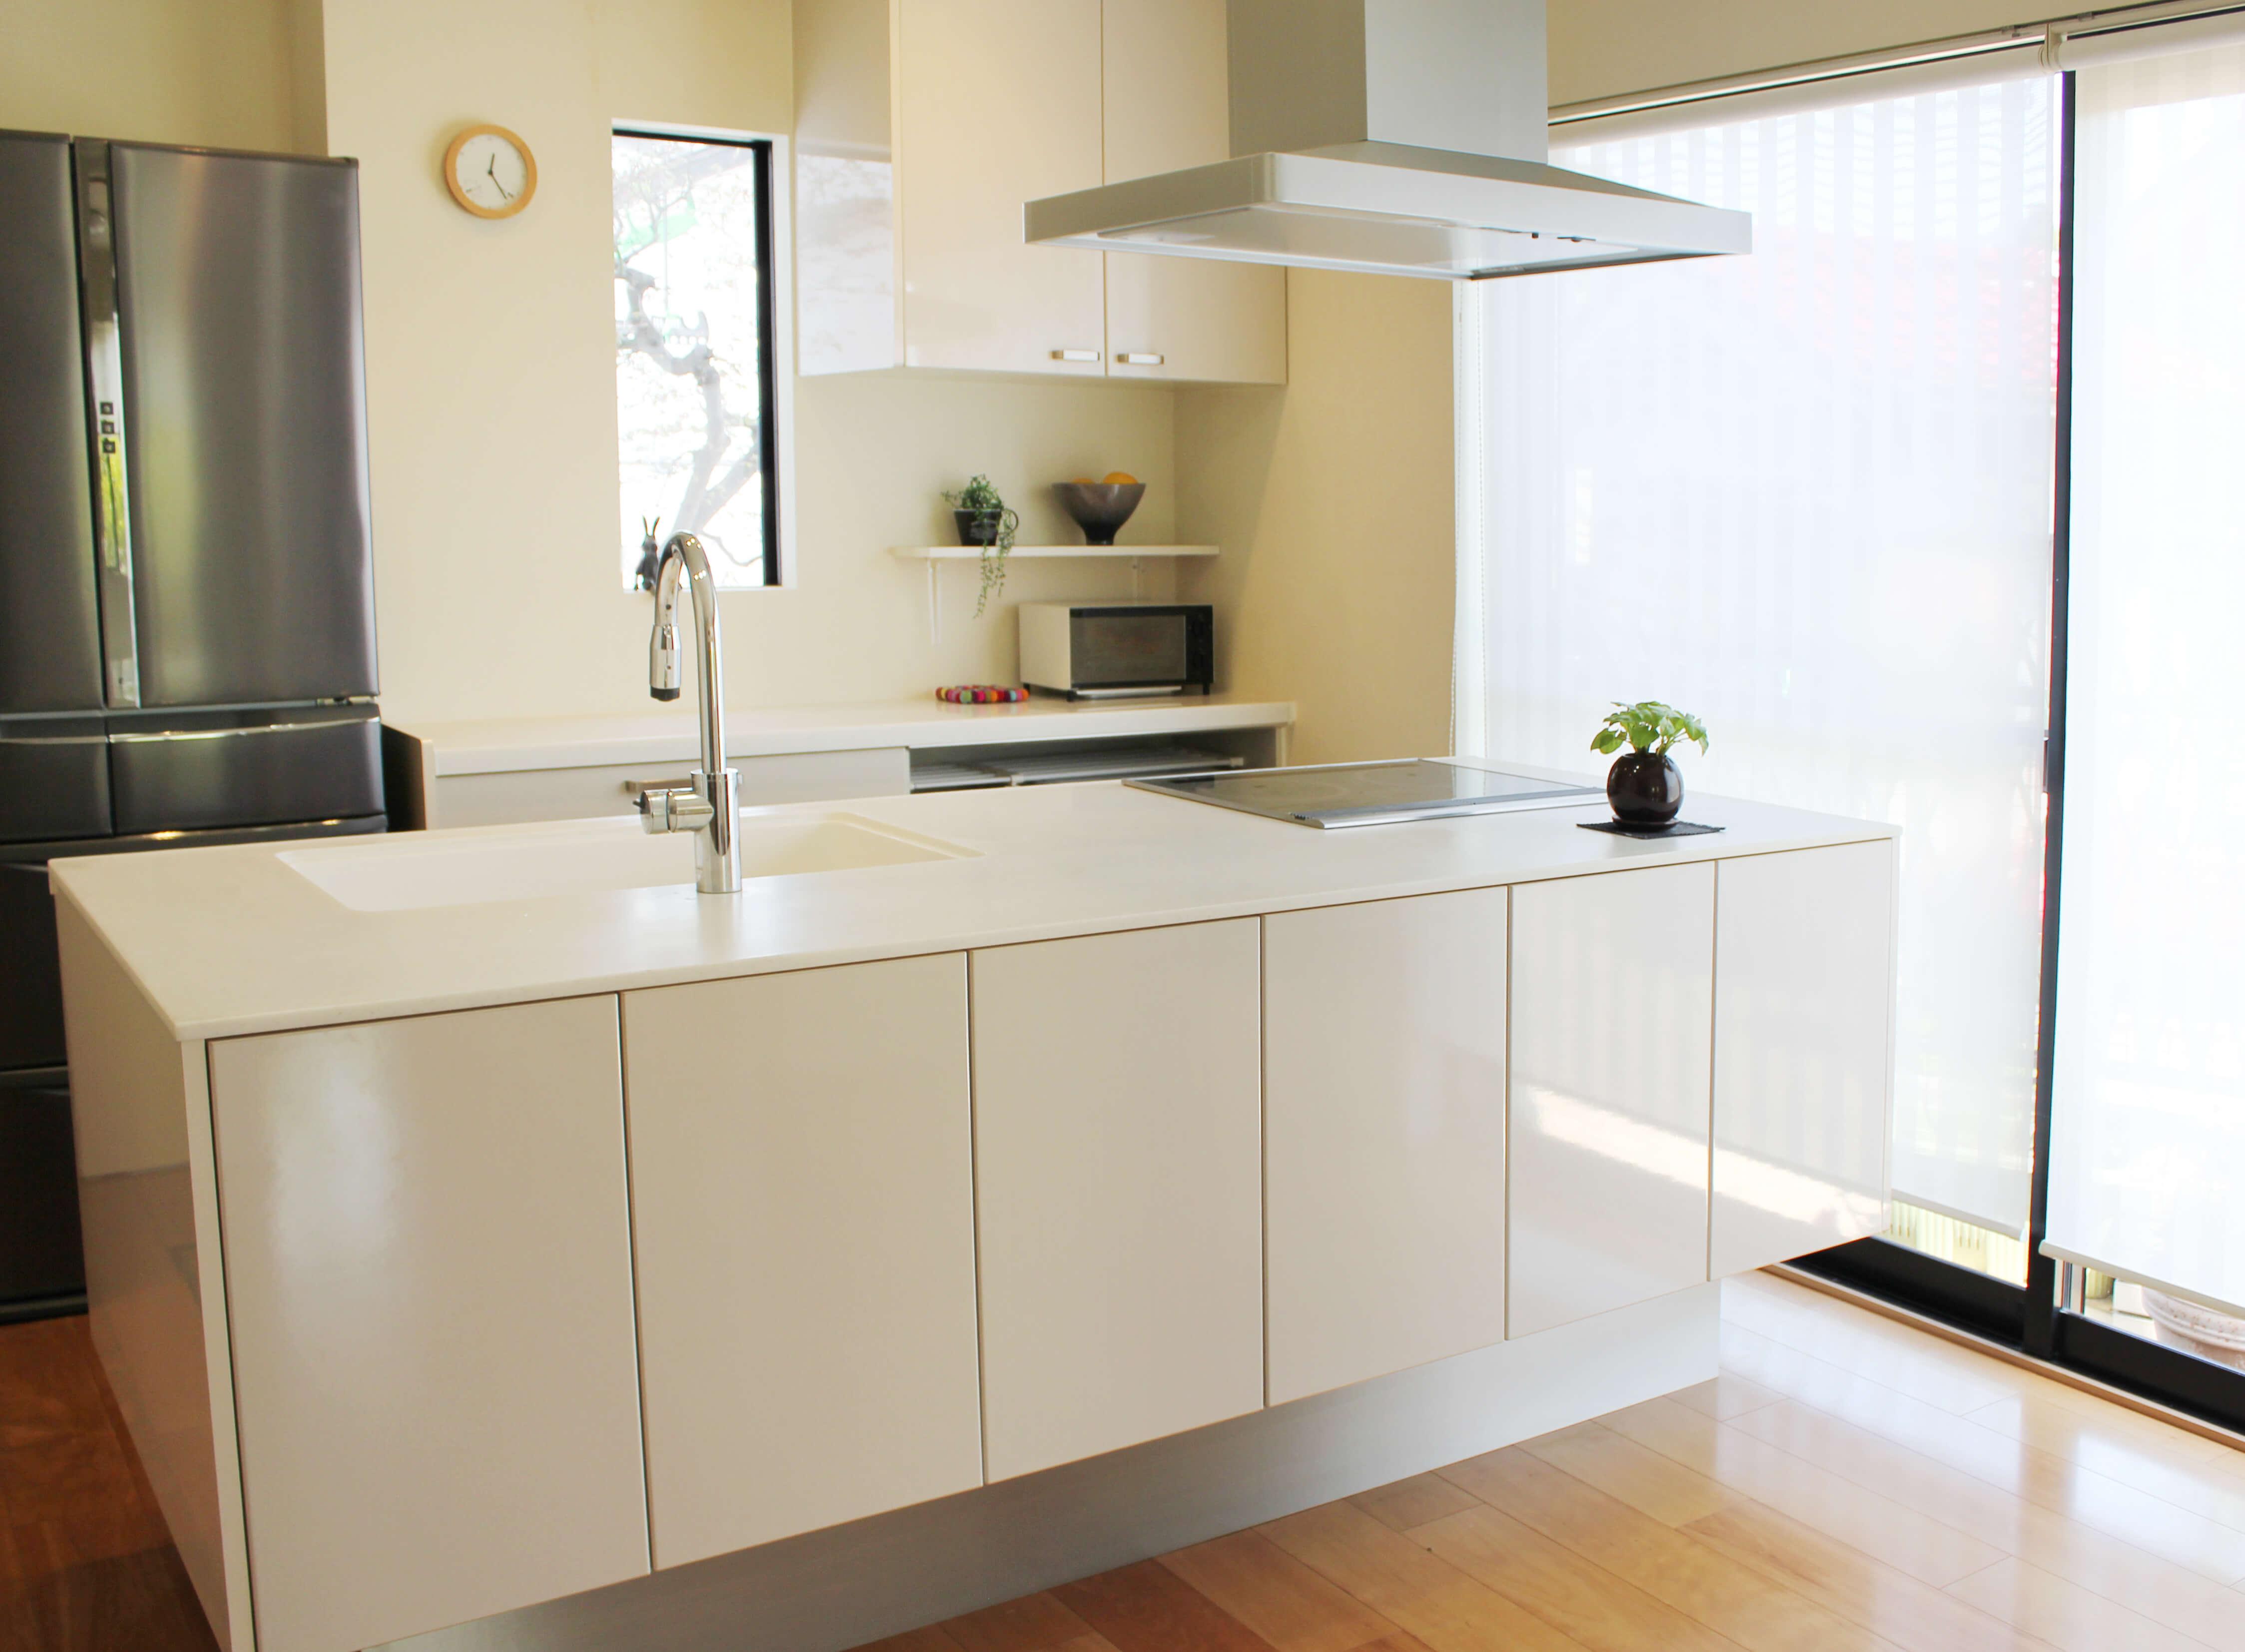 新築のキッチンをおしゃれに見せる人気の色と選び方